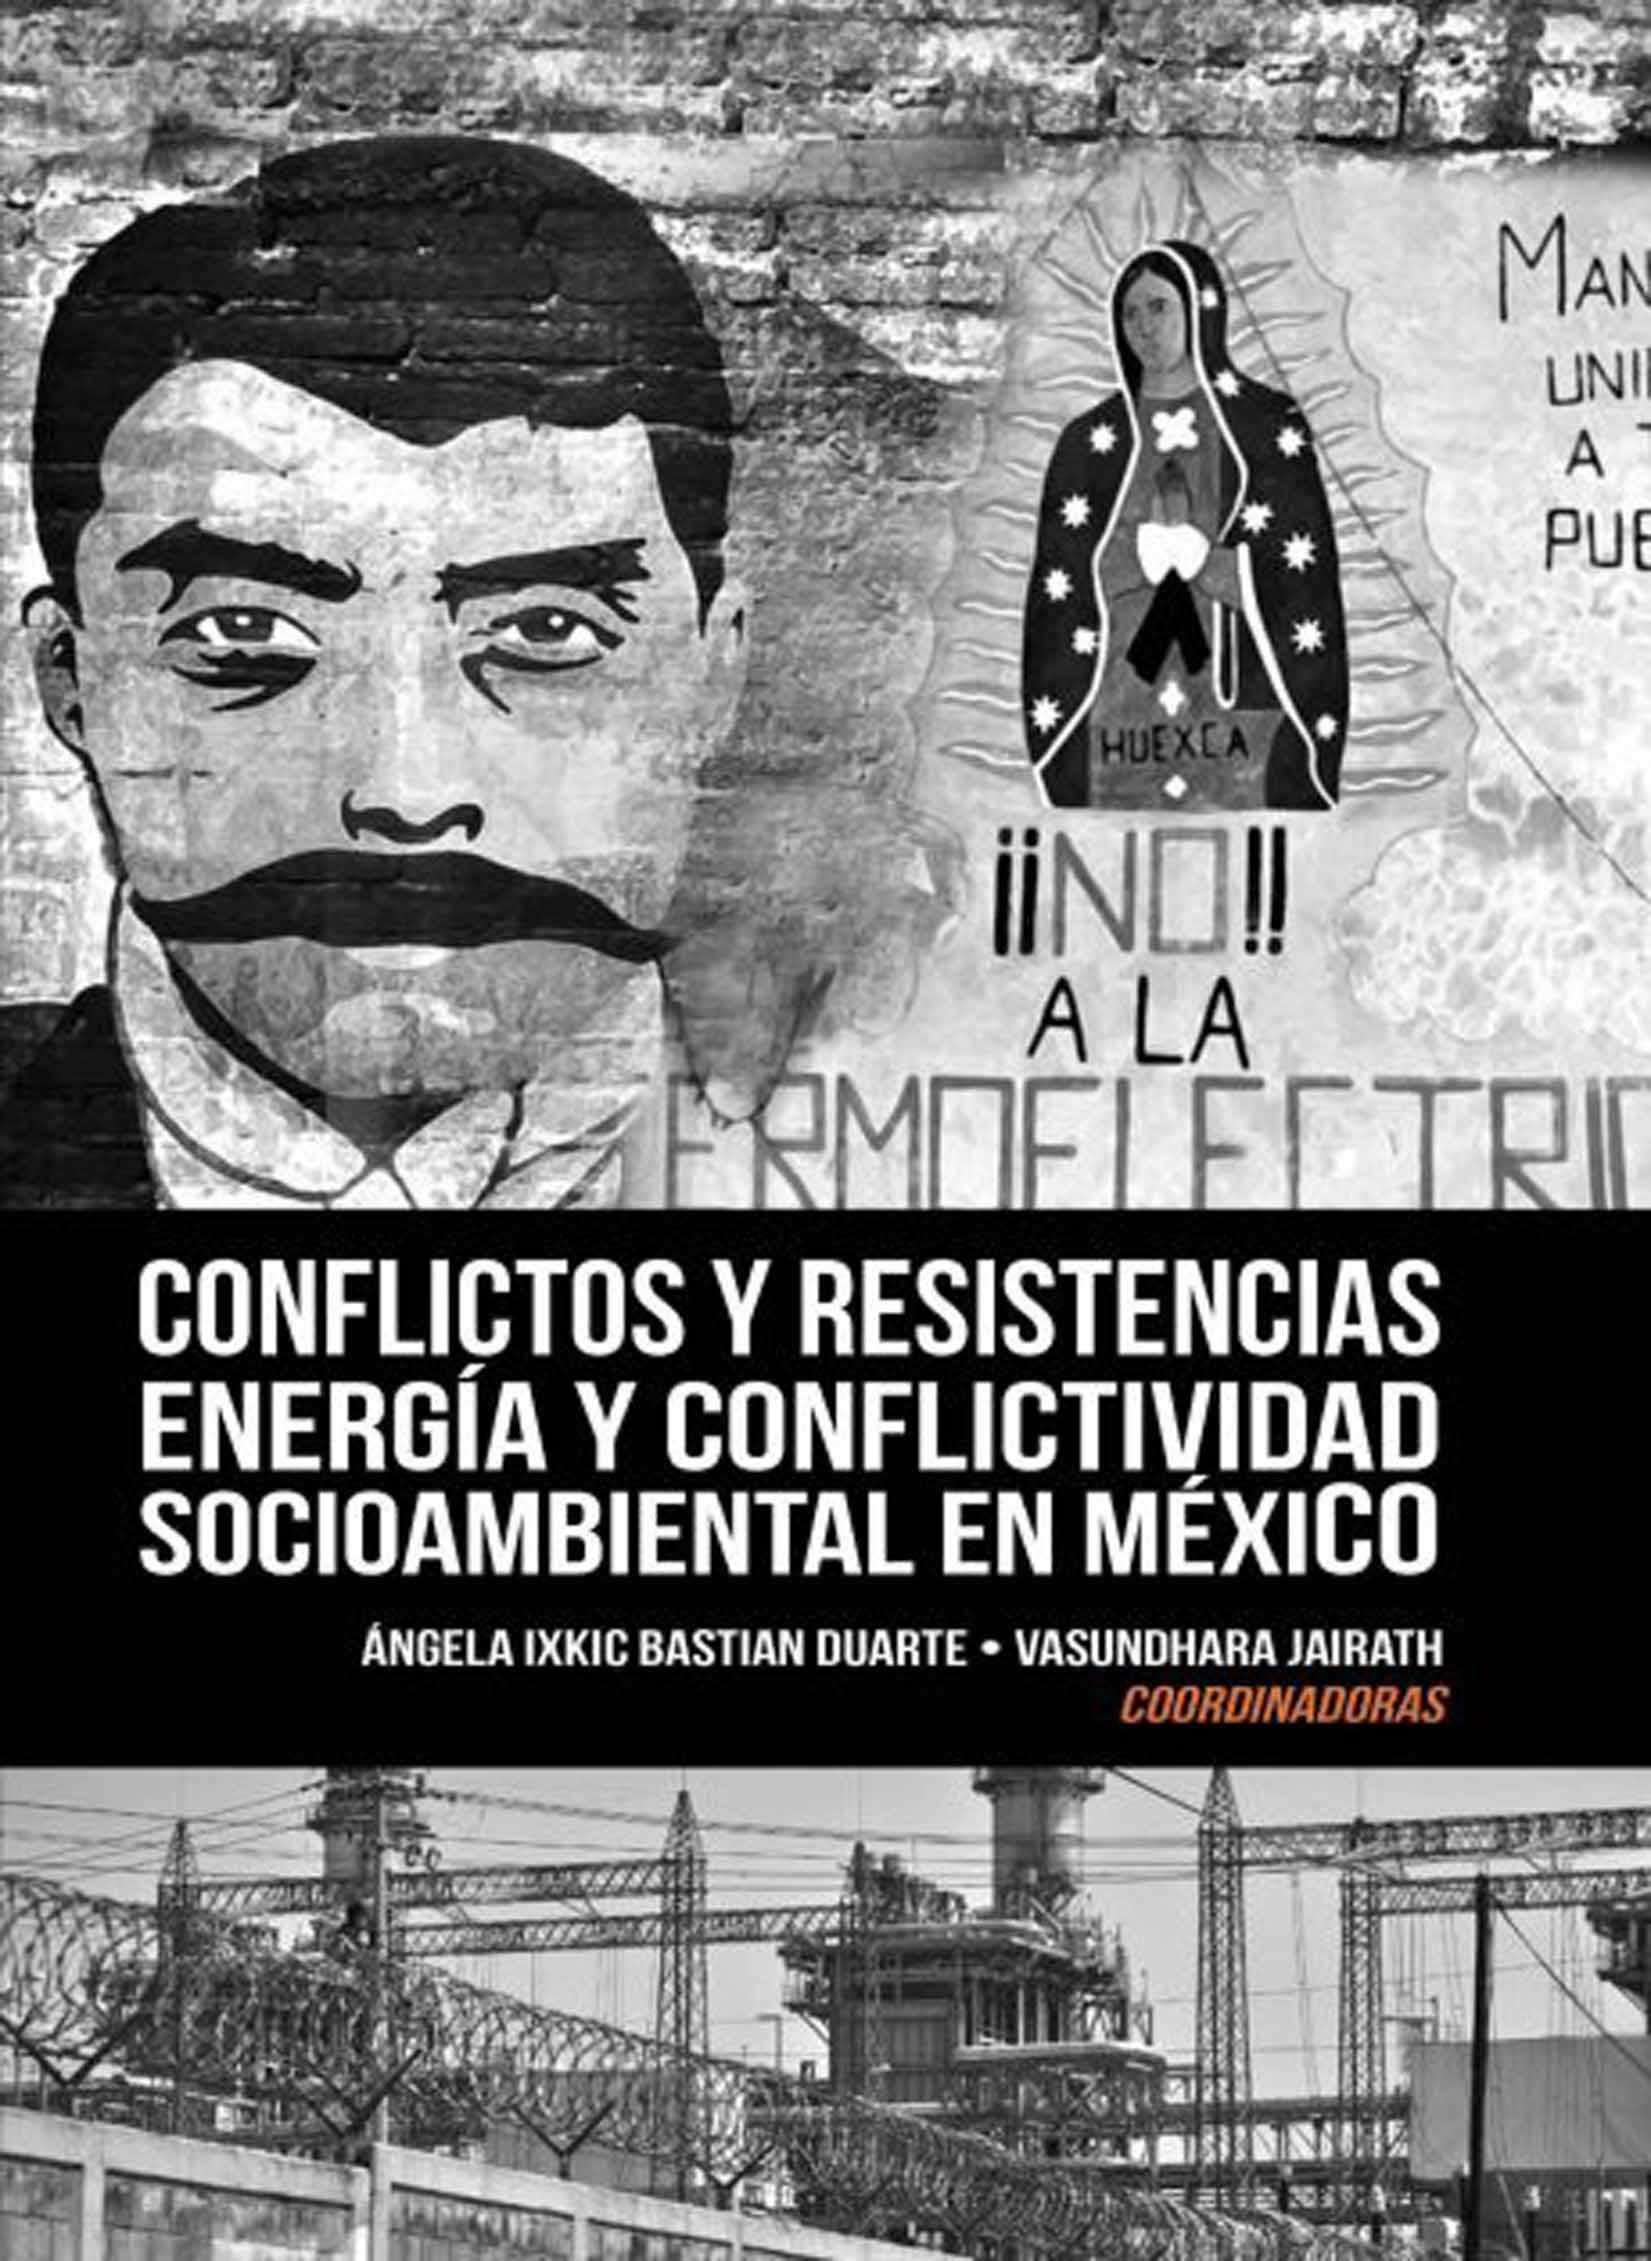 Conflictos y resistencias energía y conflictividad socioambiental en México